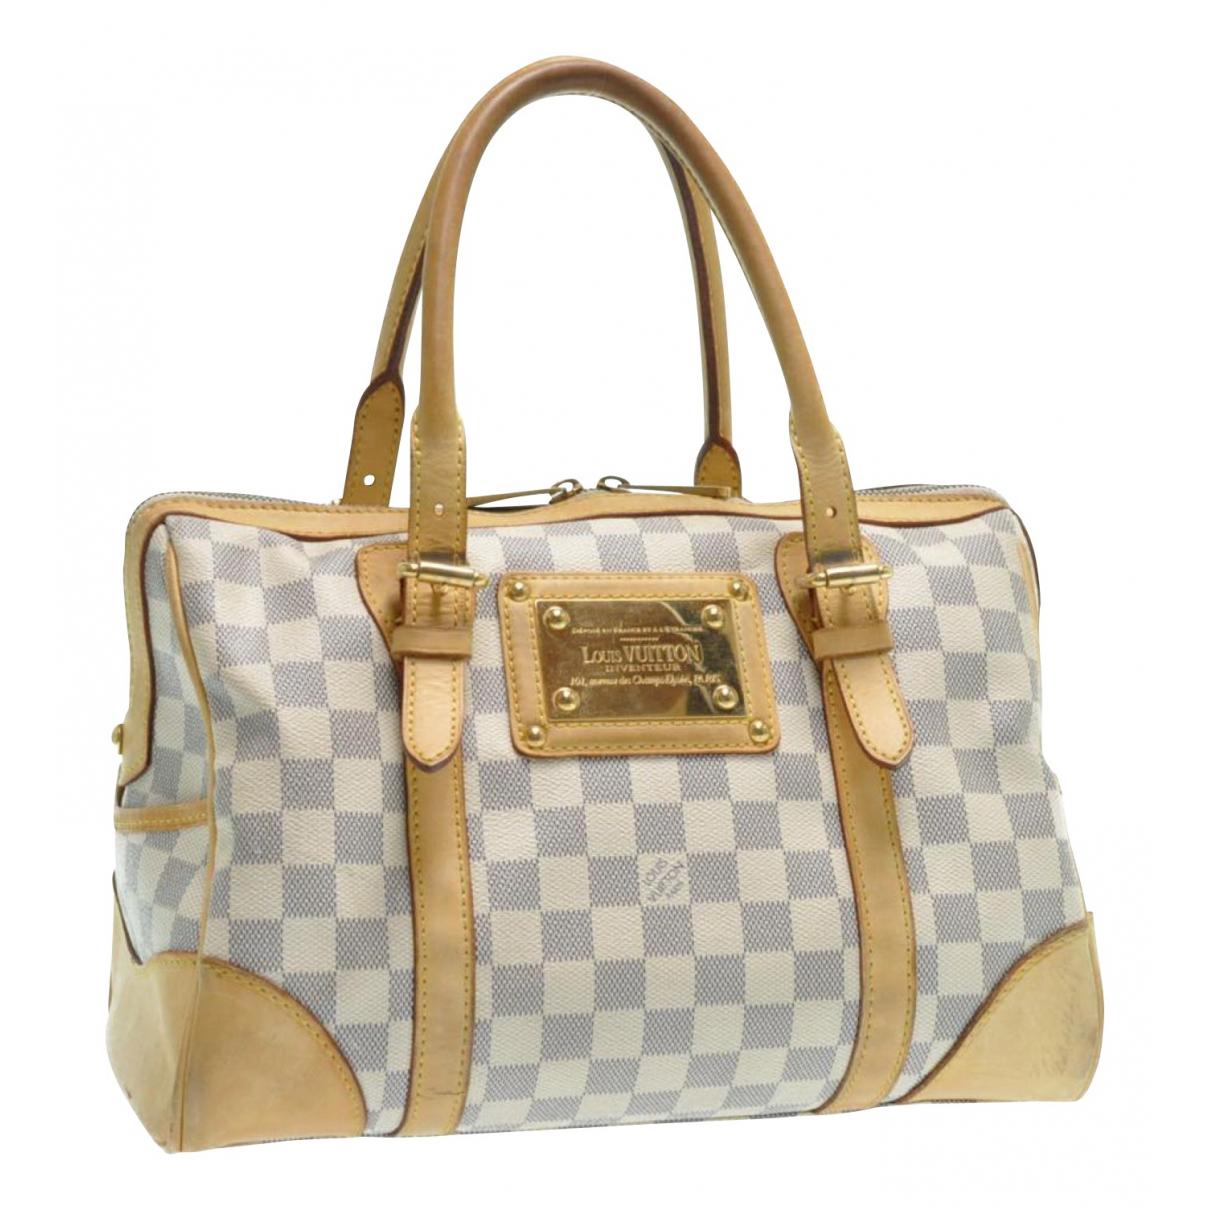 Louis Vuitton - Sac a main   pour femme en toile - beige